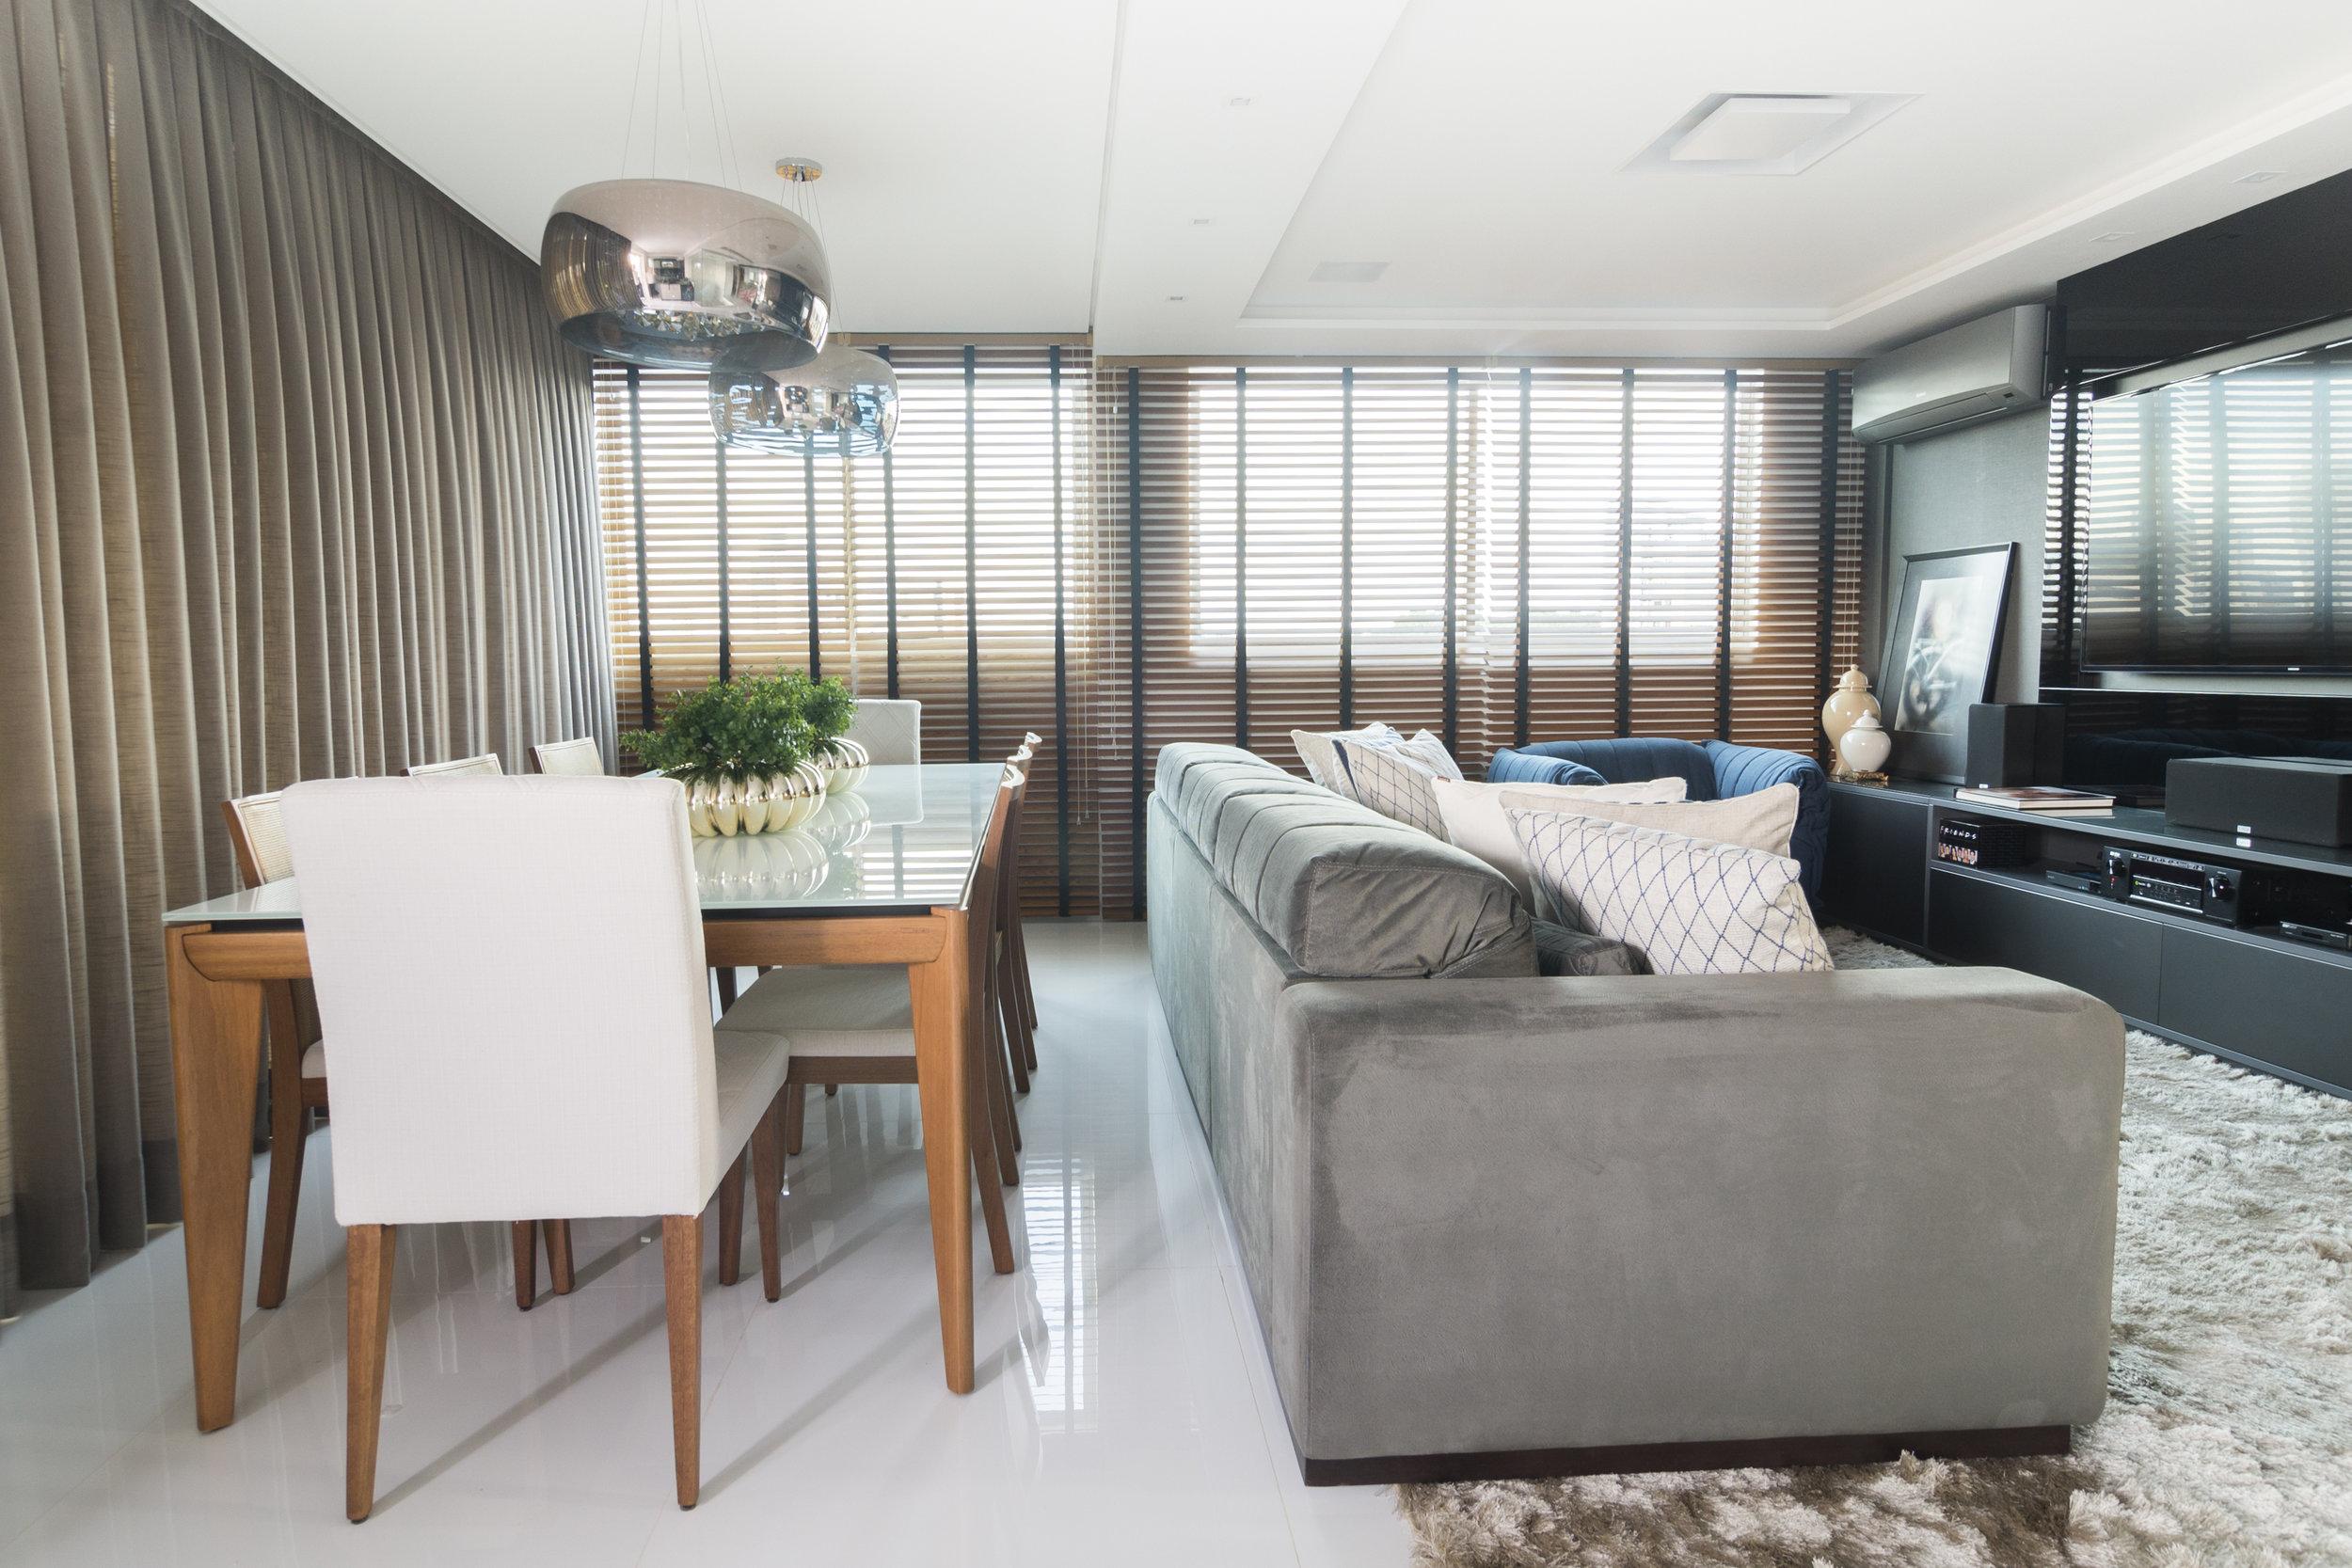 projeto-arquitetonico-robertoindira-duo-arquitetura-apartamentos-gourmet-02.jpg